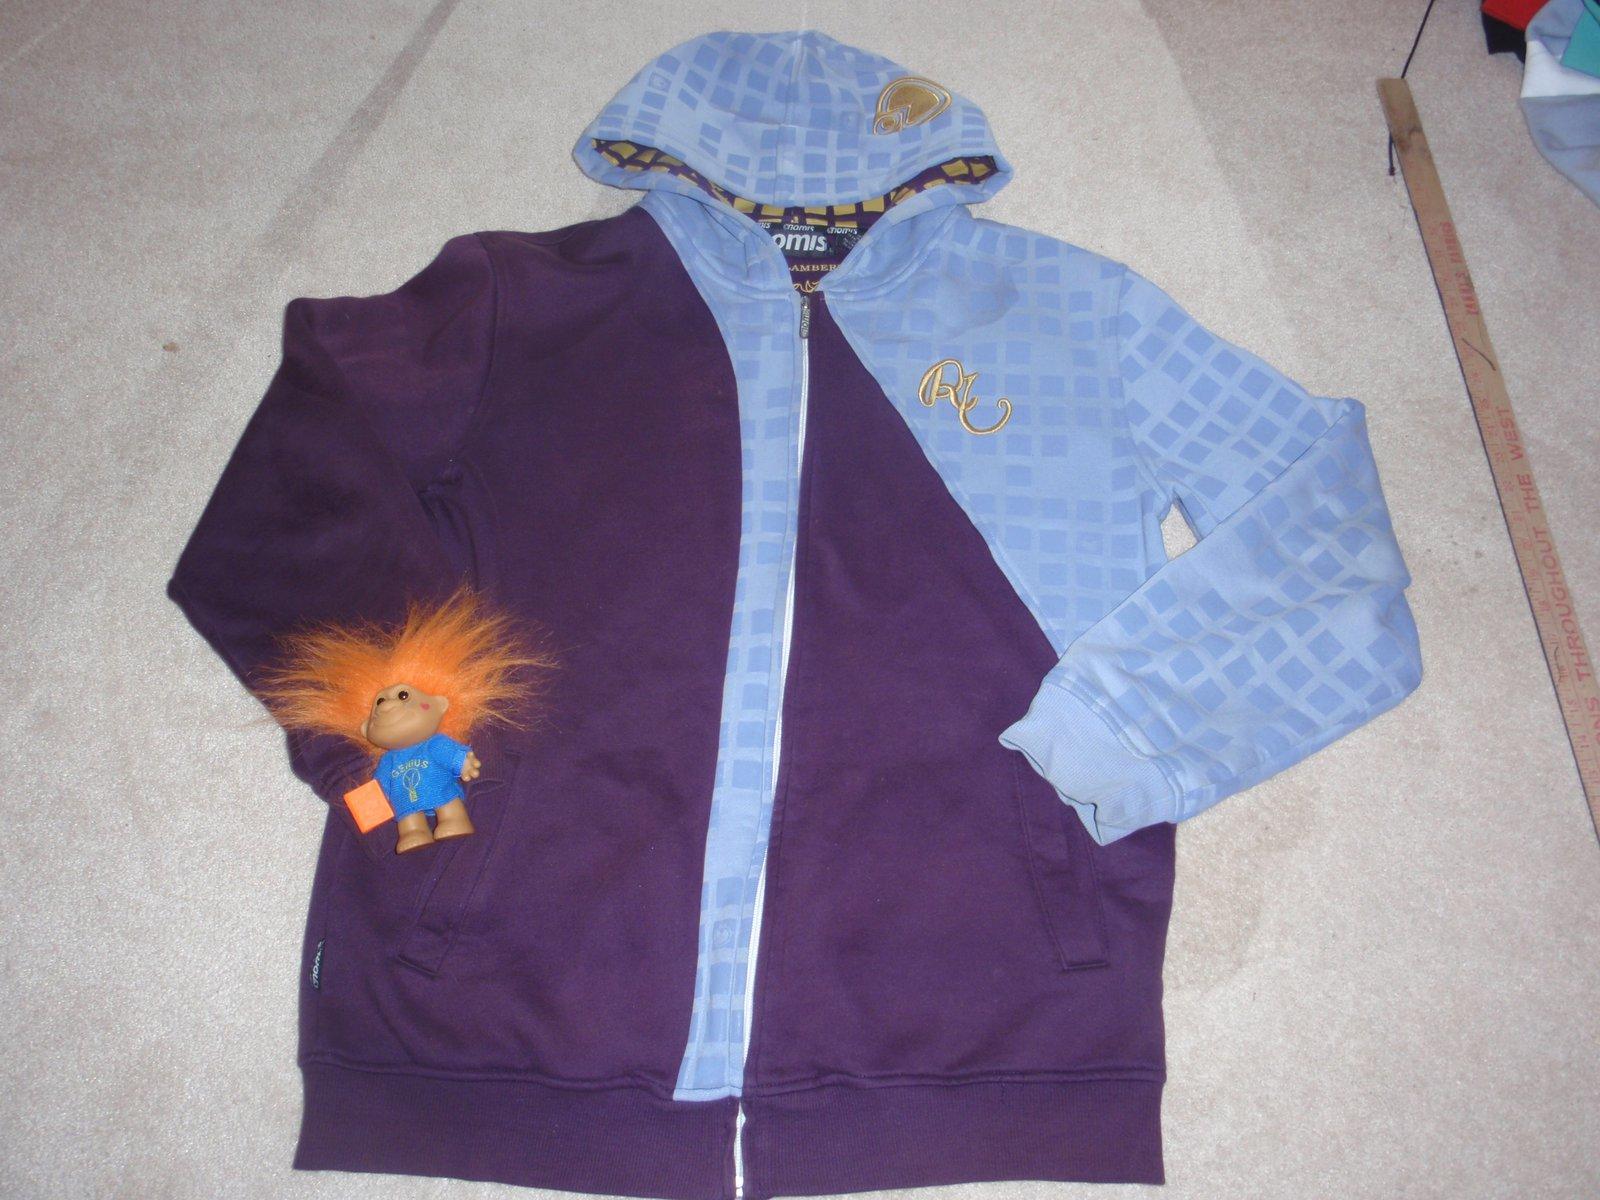 Nomis hoodie